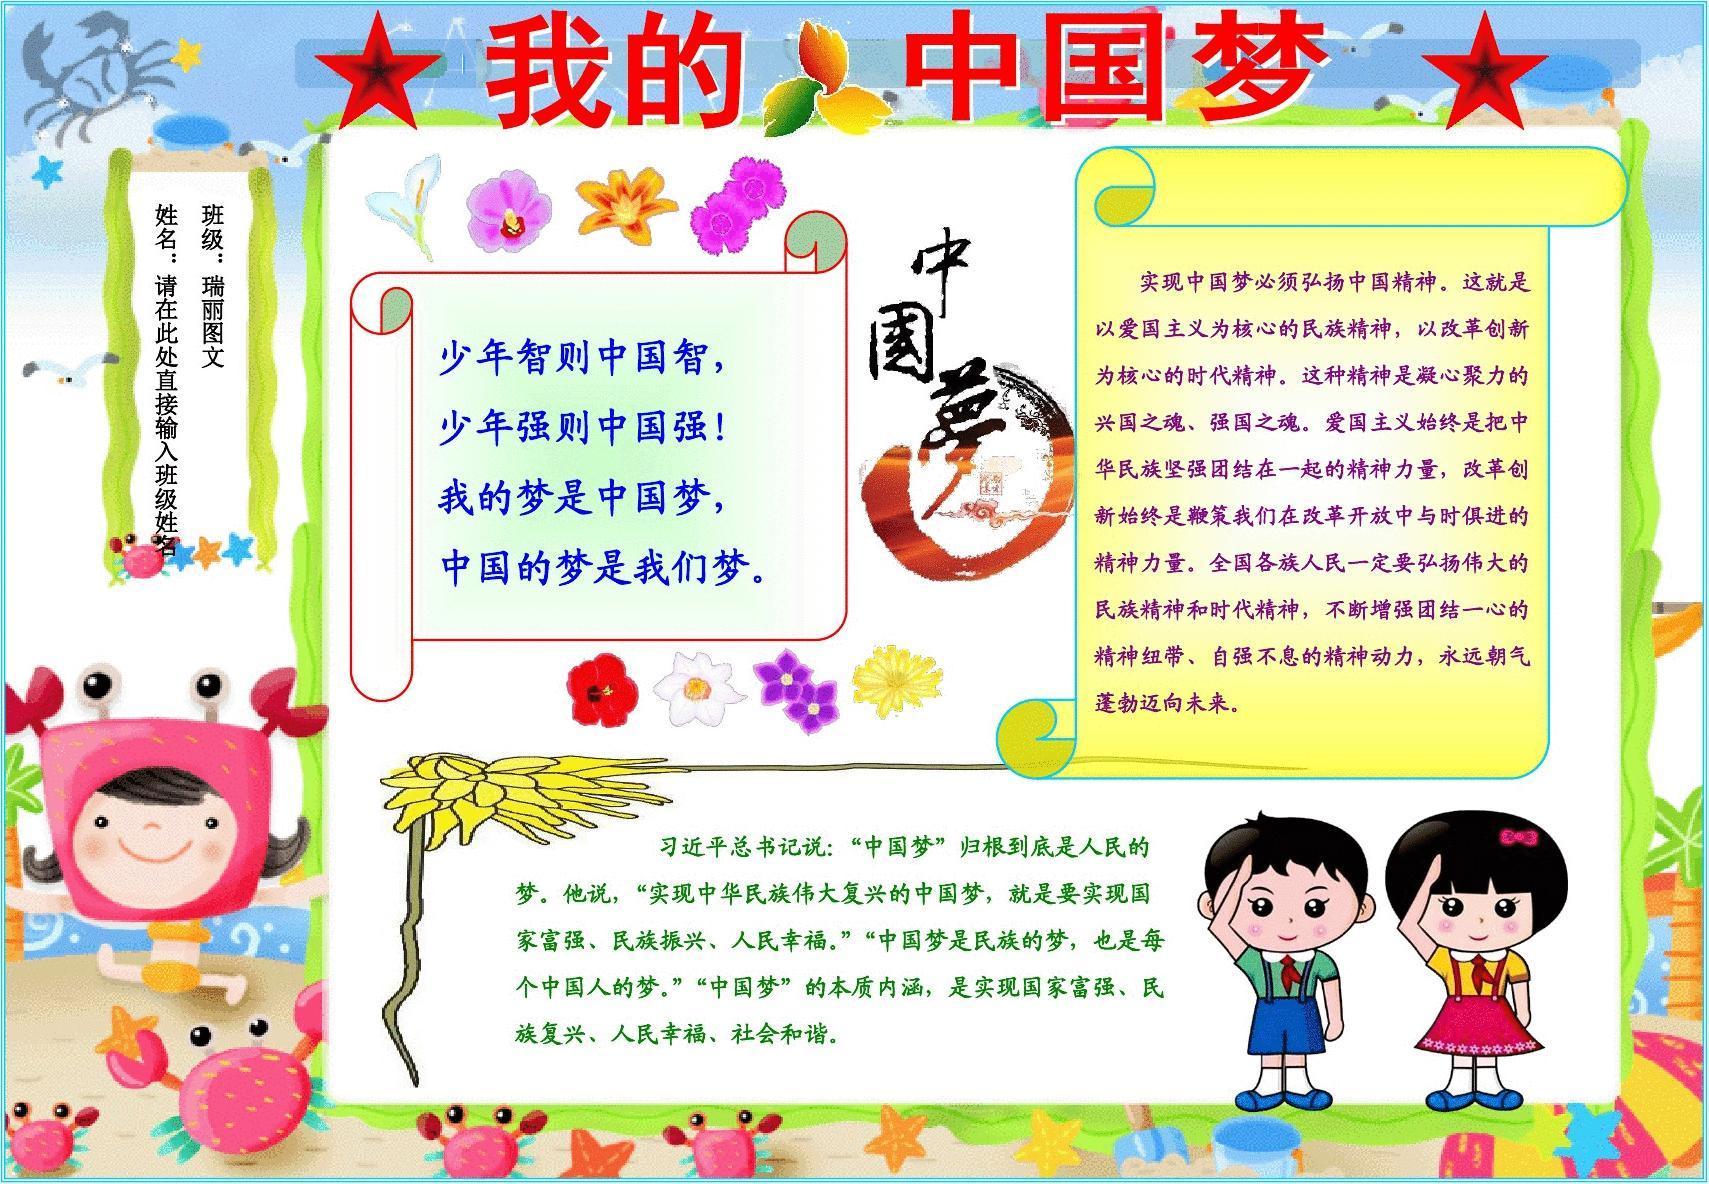 中国梦1766a3儿童节电子小报成品,六一简报报刊简报,我爱红领巾手抄报图片